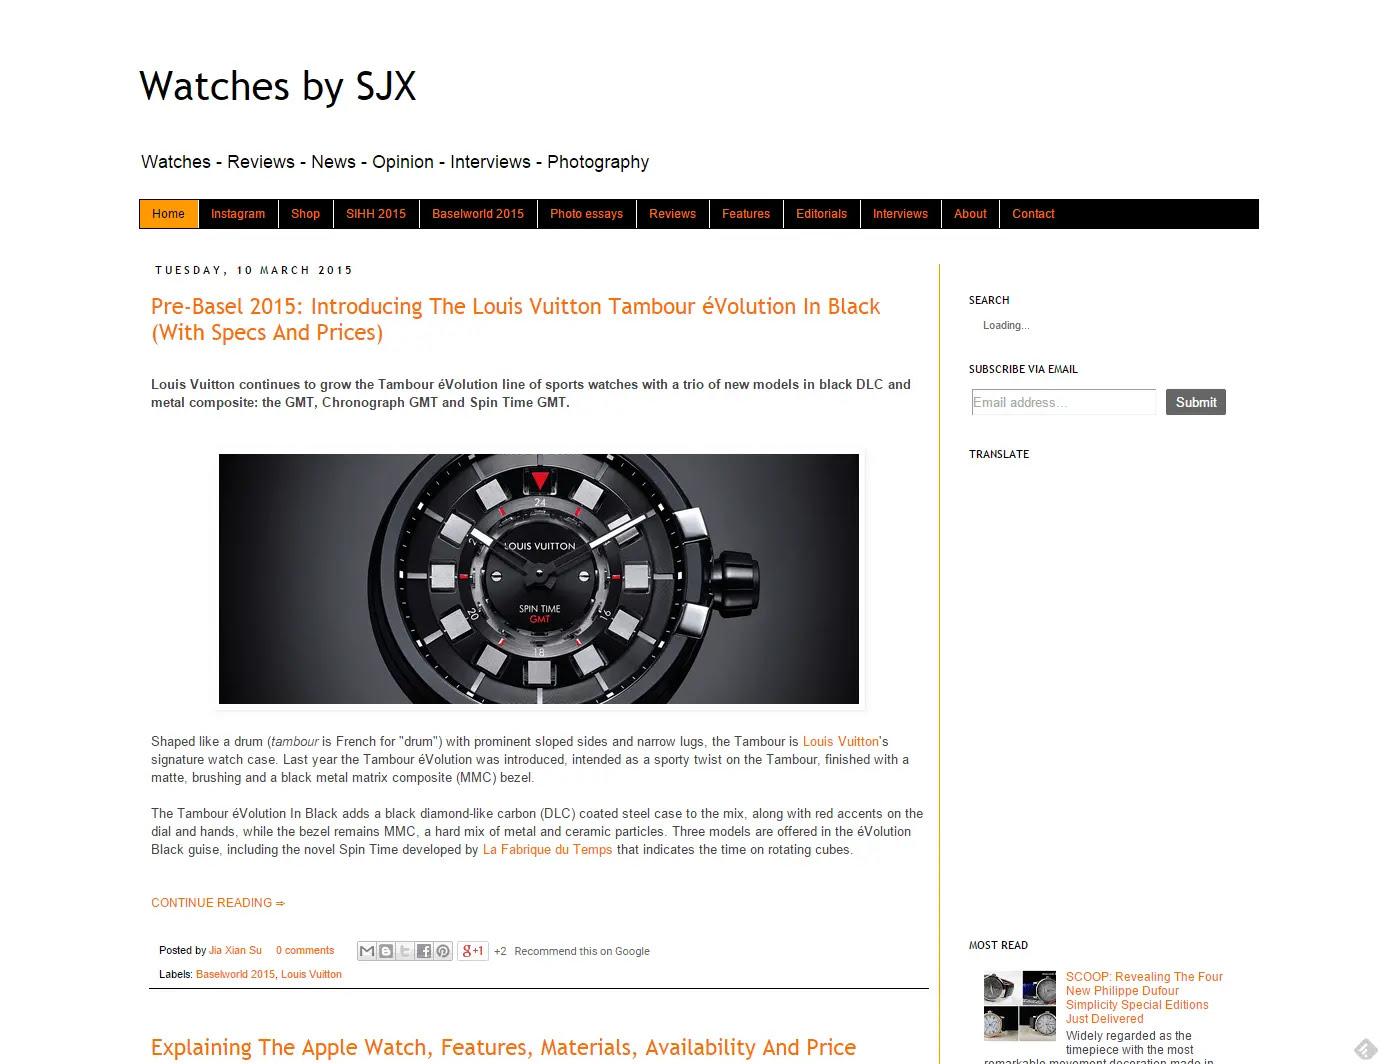 watches by sjx website